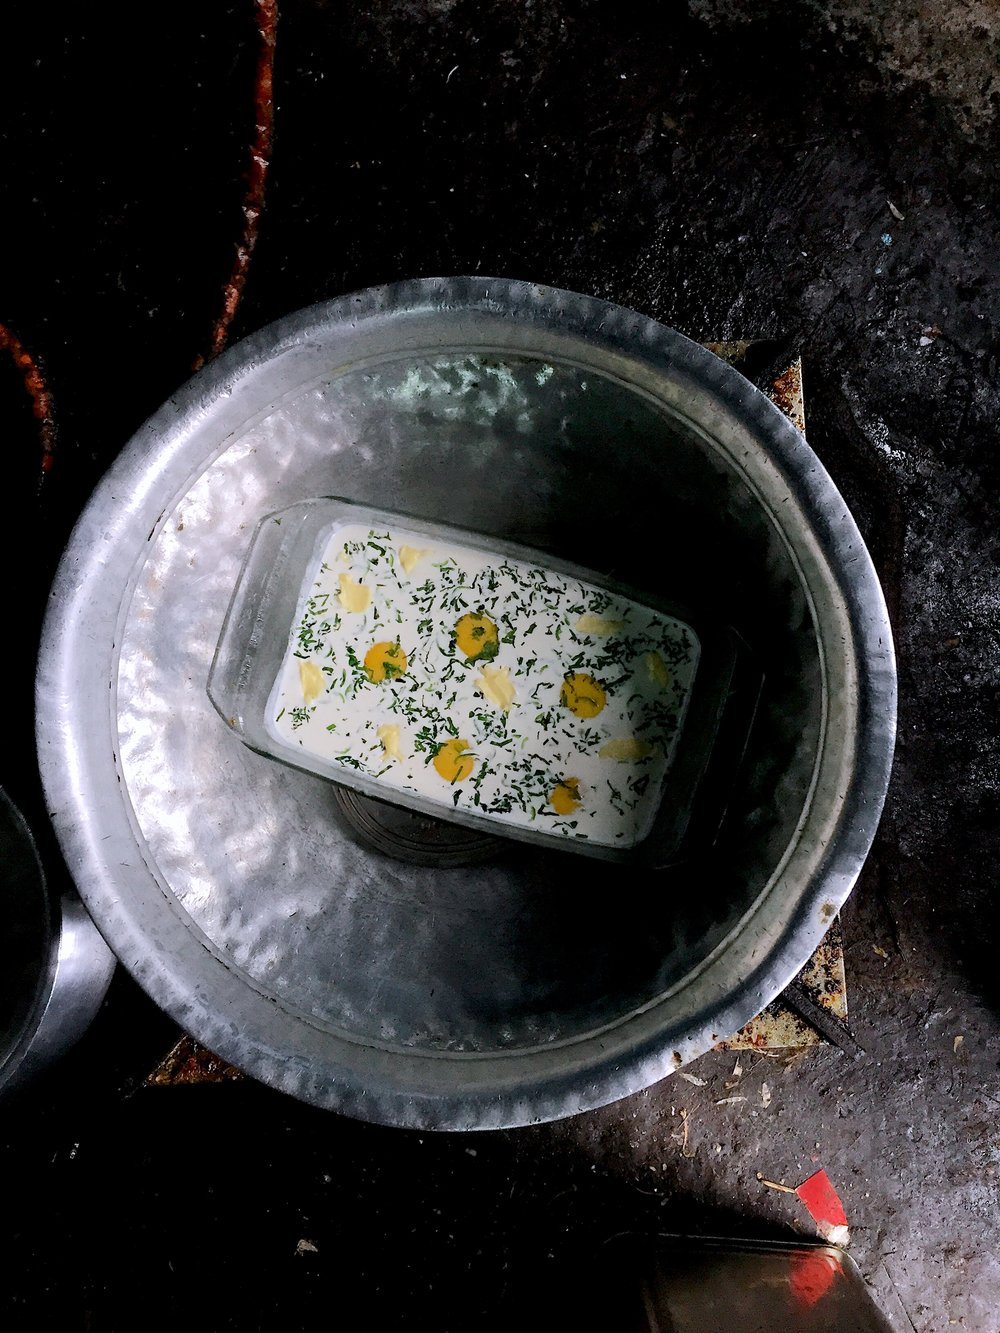 Recipe for malai par eeda (coddled eggs)by Kurush Dalal